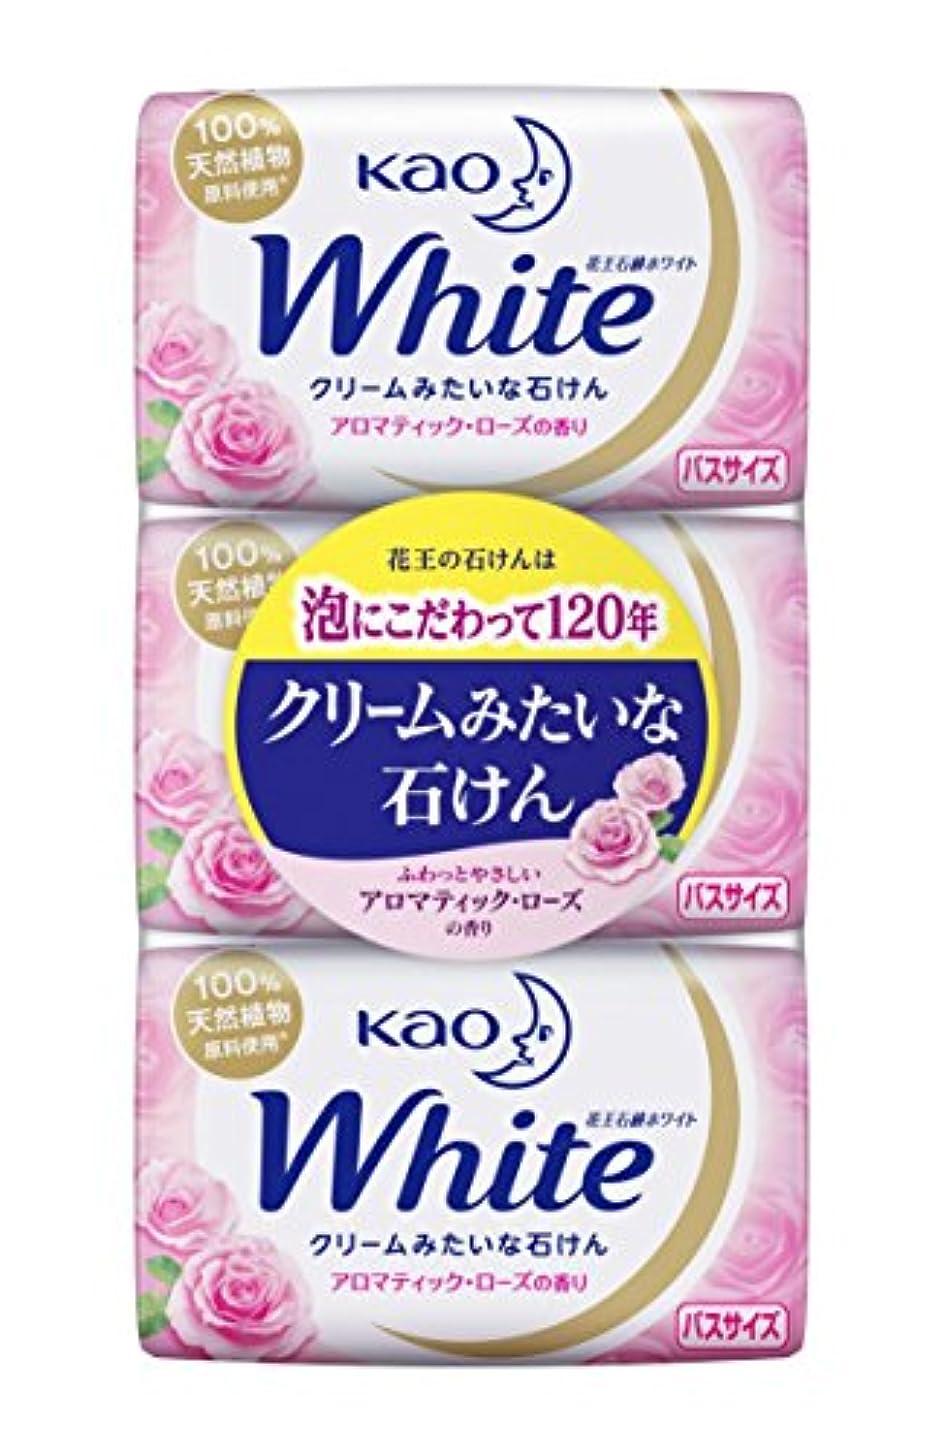 どこにも面積置換花王ホワイト アロマティックローズの香り バスサイズ 3コパック